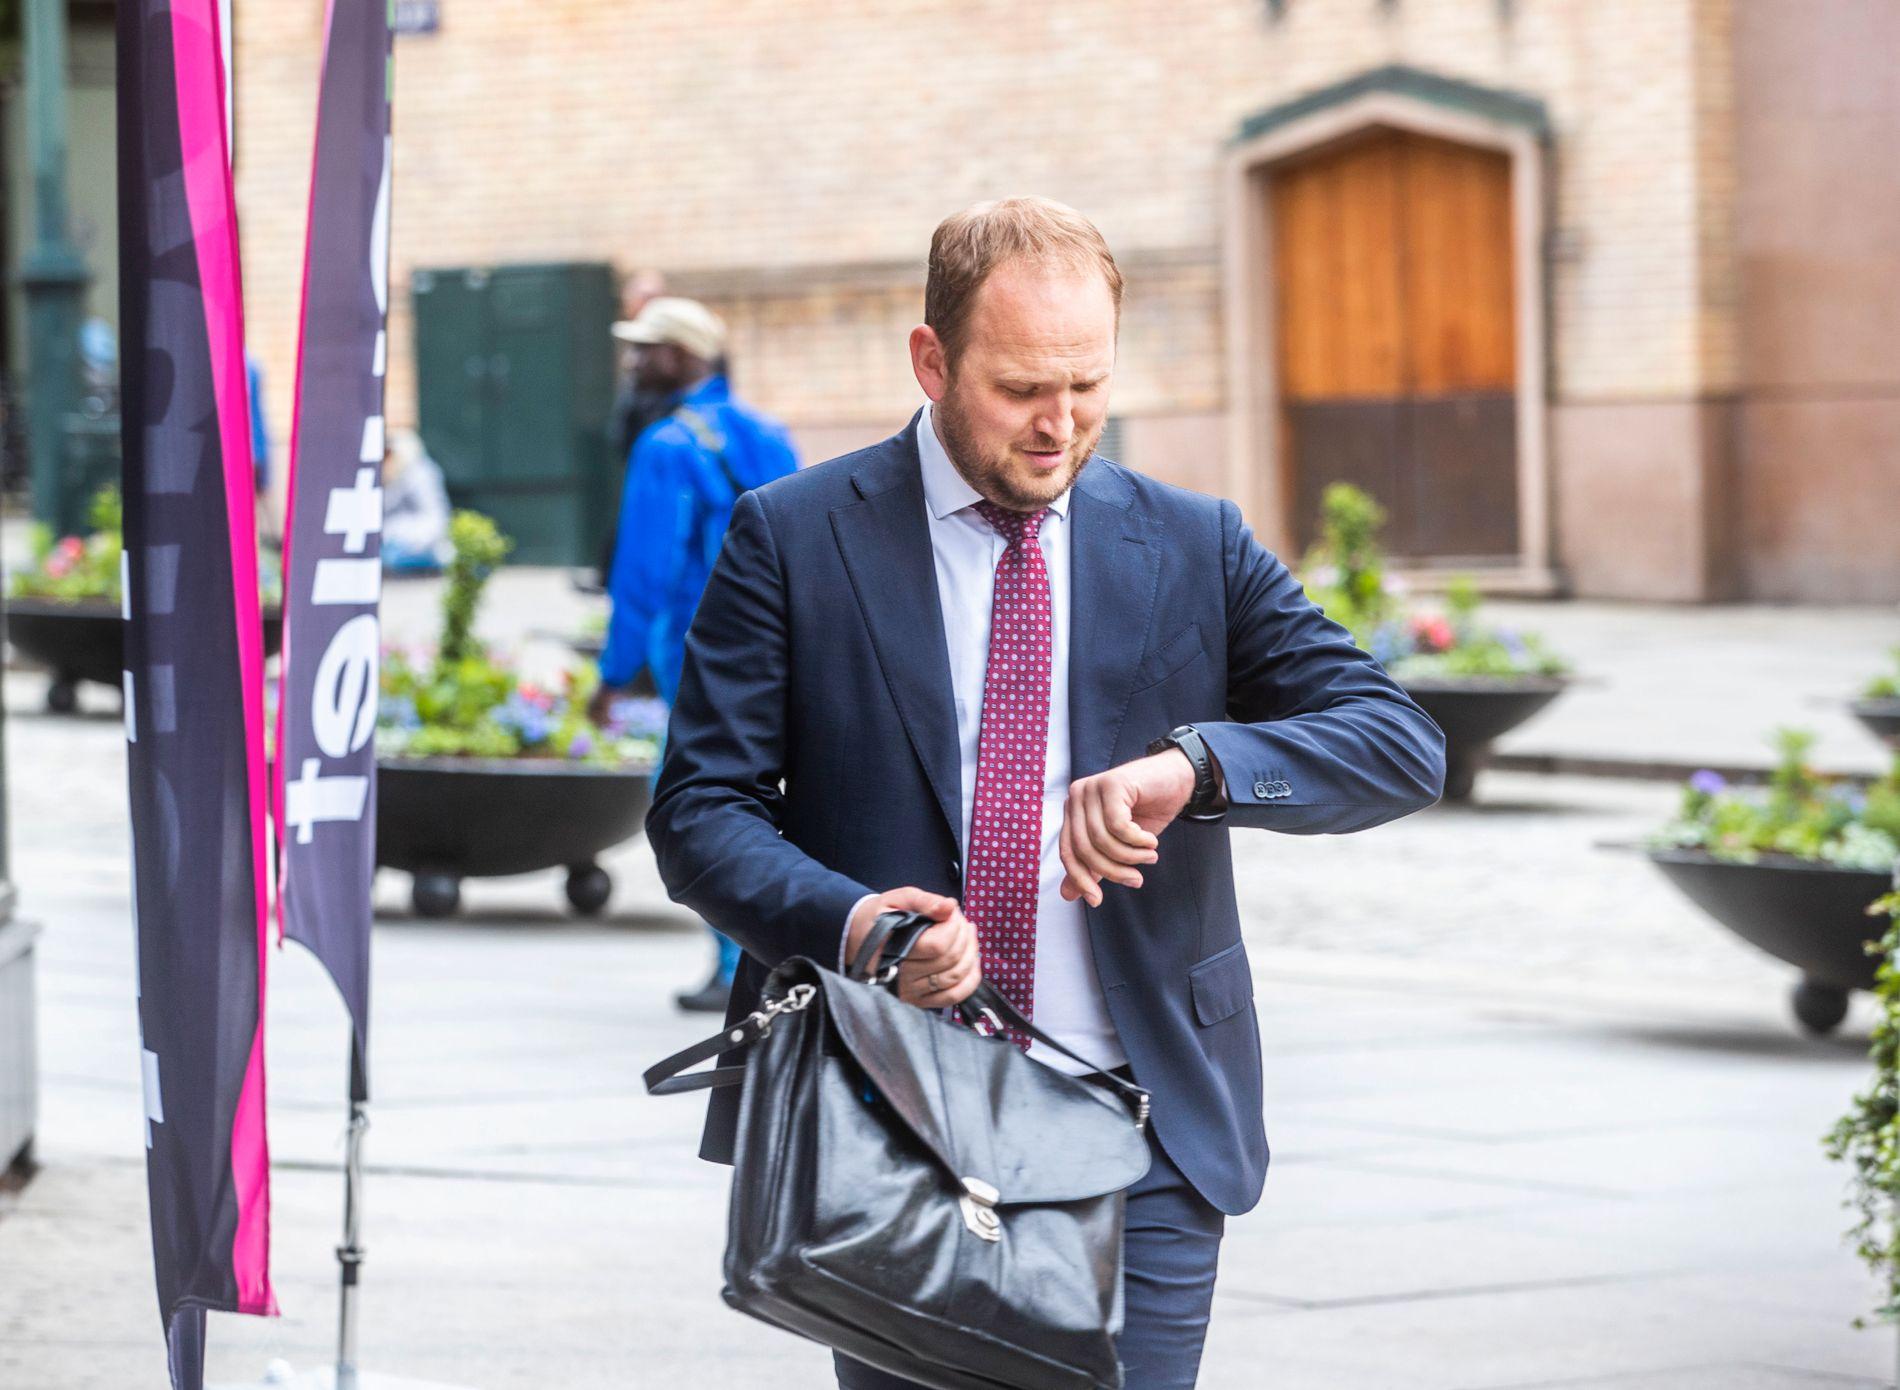 HAR LITEN TID: Jon Georg Dale (Frp) har fått noen uker på seg til å levere bompengekutt og tak på bypakker tilbake til Frp-landsstyret. Sunnmøringen har spilt en aktiv rolle for å slanke bypakken i eget valgdistrikt, Ålesund i Møre og Romsdal.